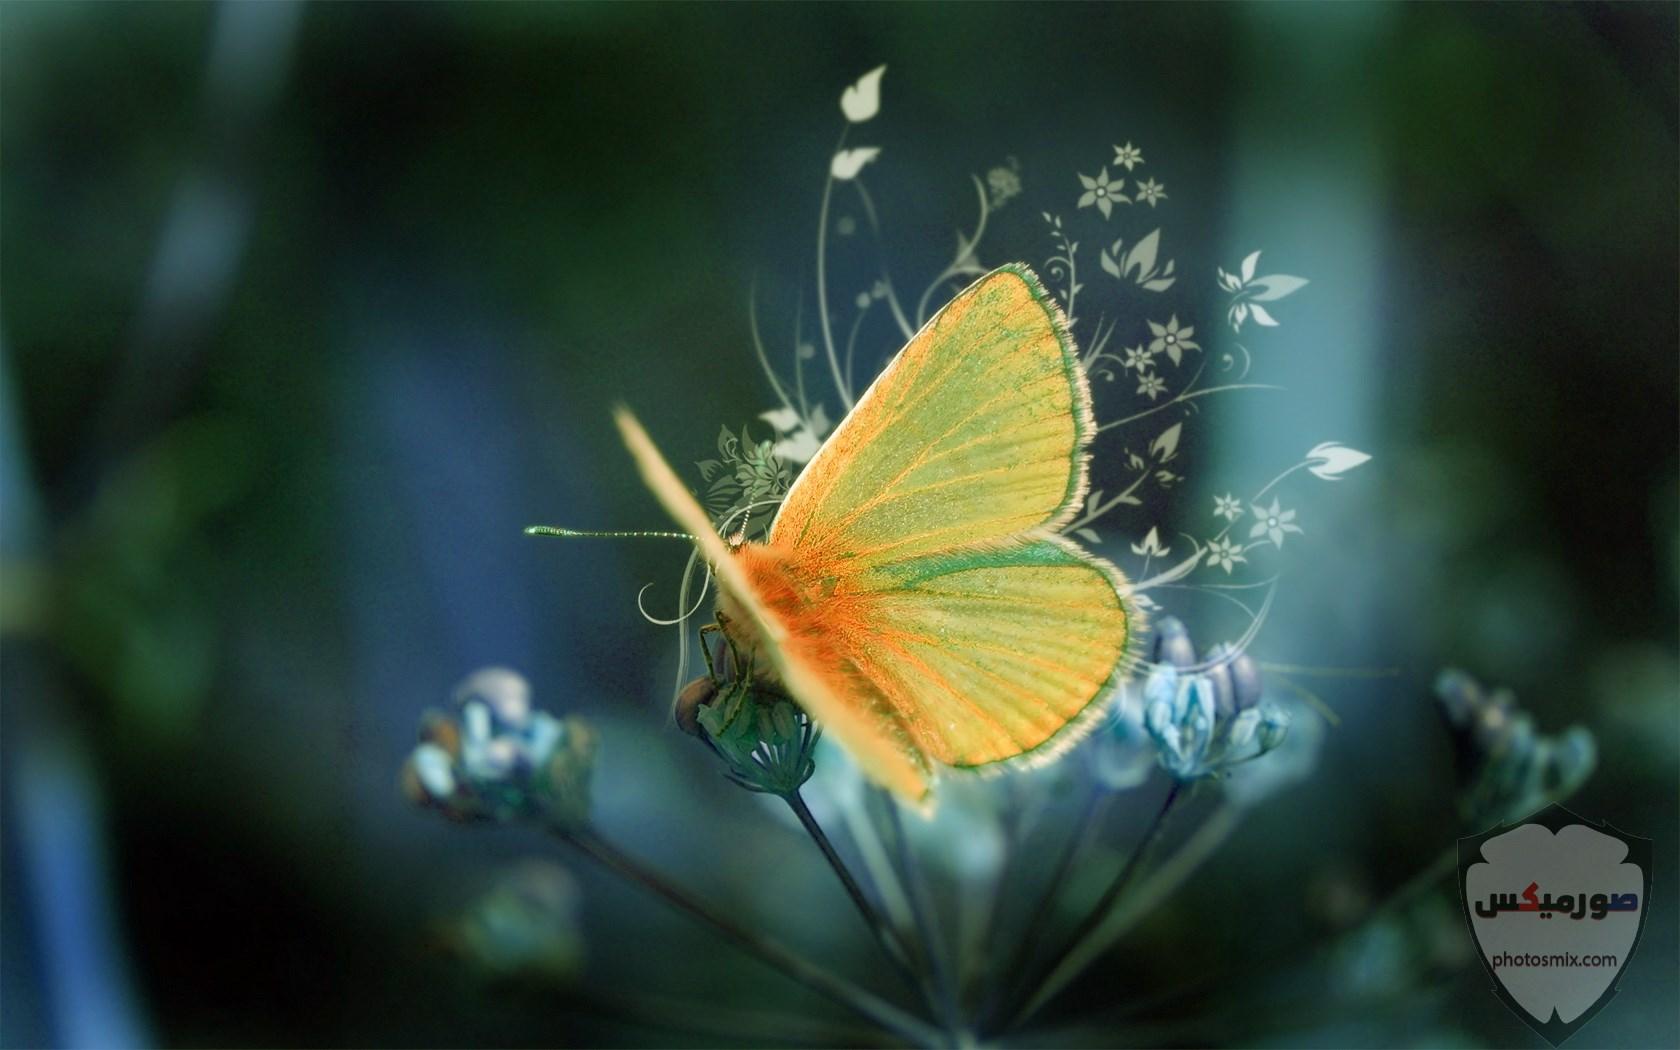 اجمل صور صور جميلة صور جميلة مكتوب عليها اجمل صور خلفيات 18